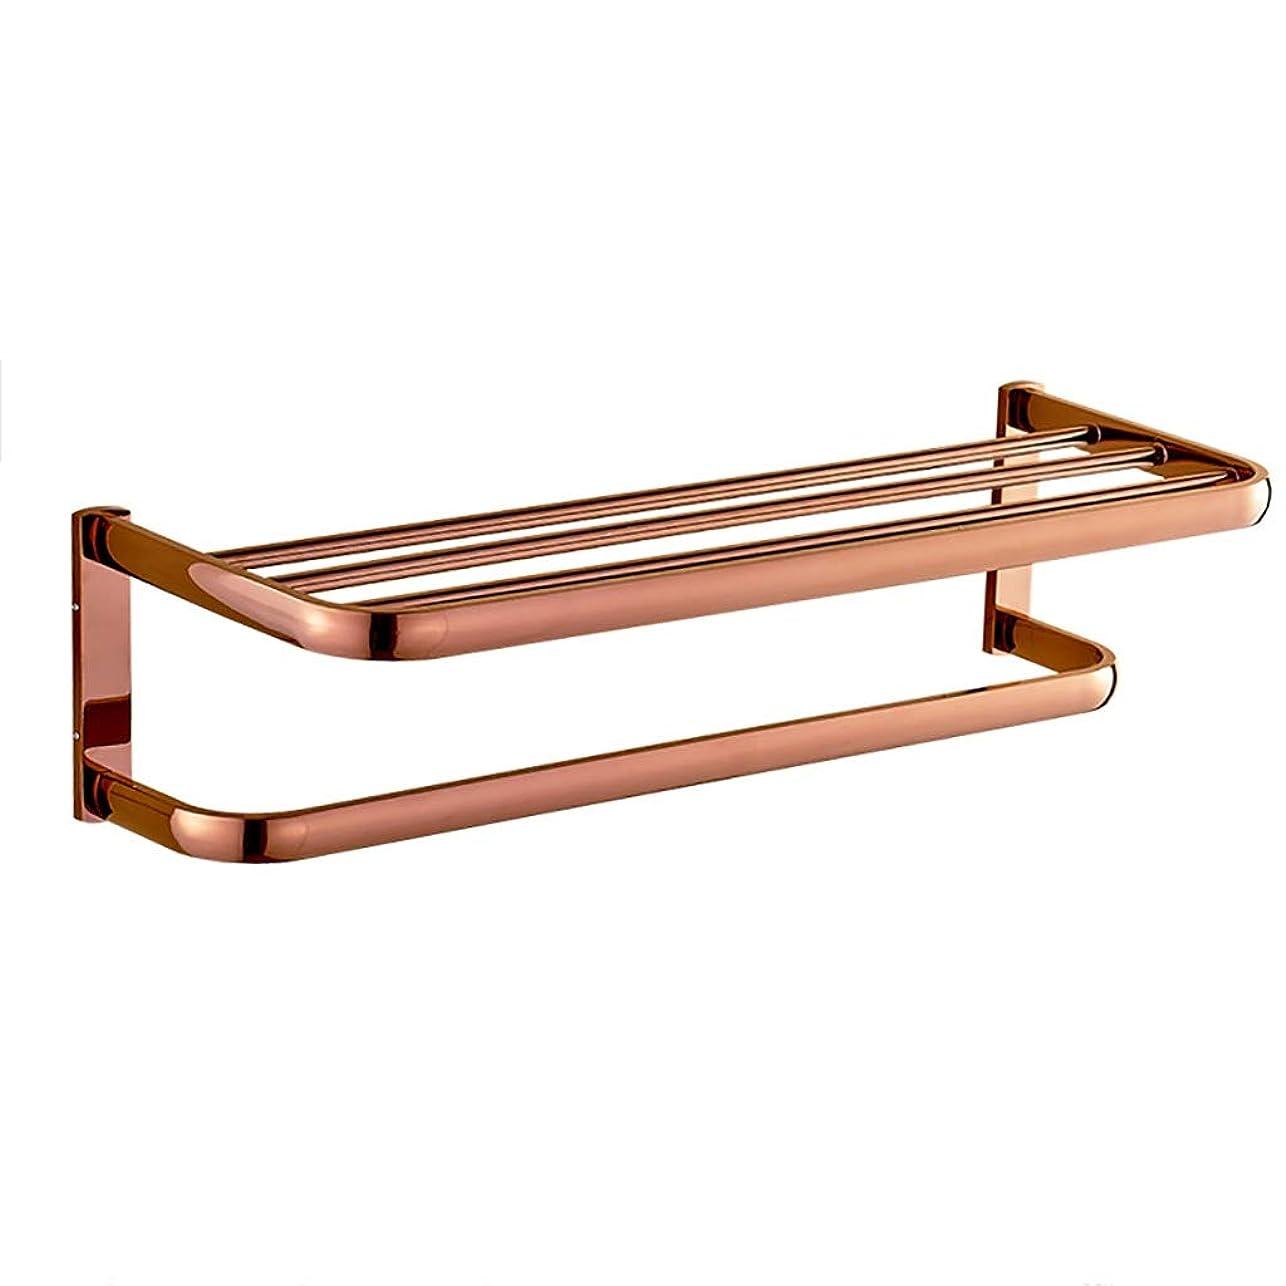 薄暗いループギャングローズゴールドタオル掛けヨーロッパの銅のタオル掛け浴室の浴室用ラックタオル掛け